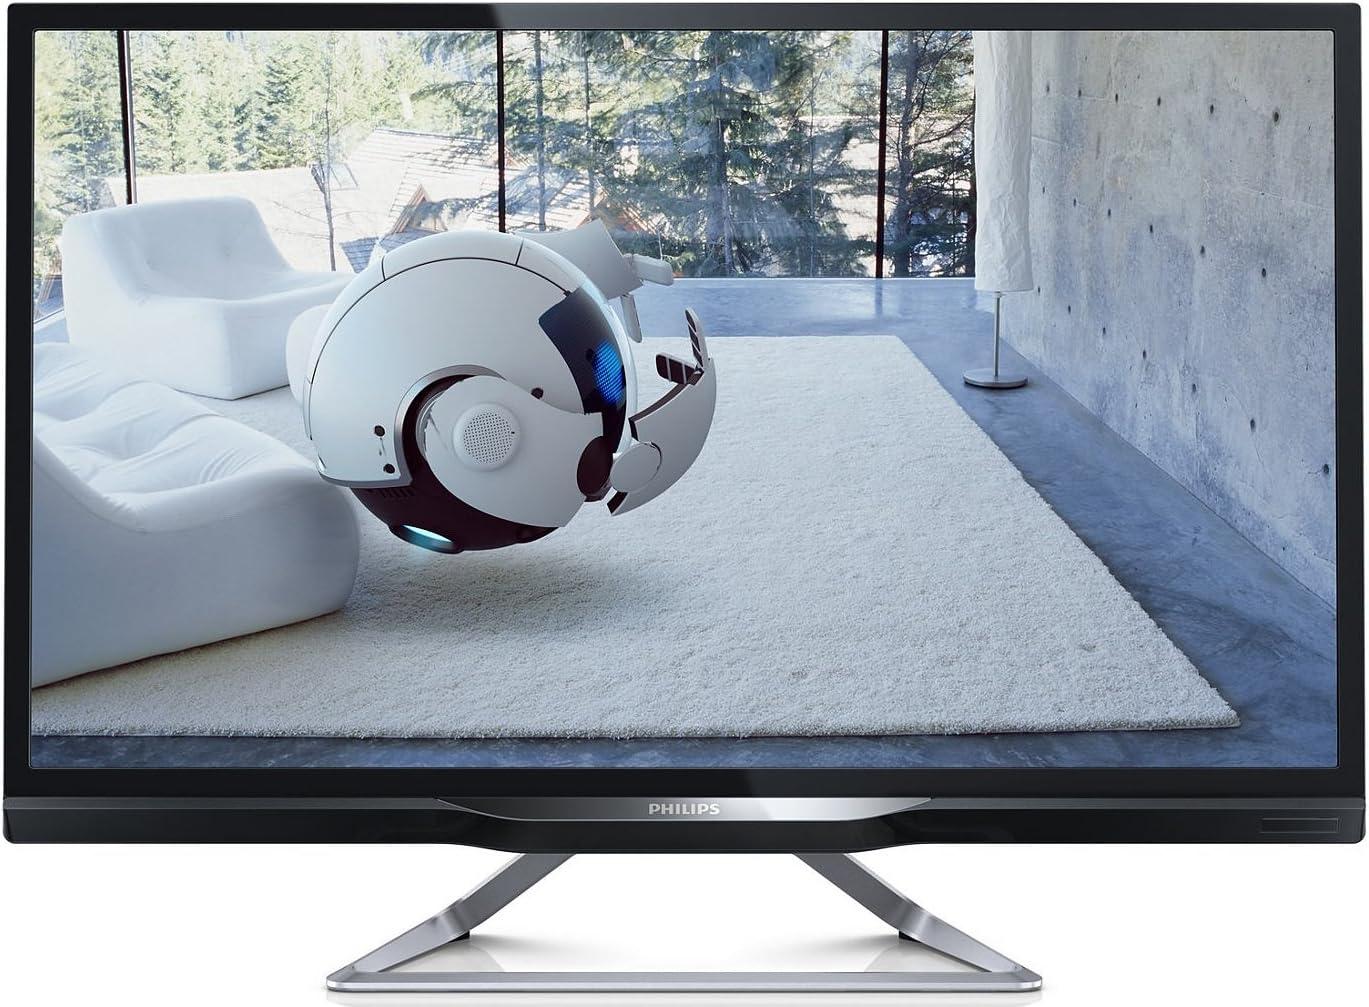 Philips 22PFL4208K/12 LED TV - Televisor (558.8 mm (22